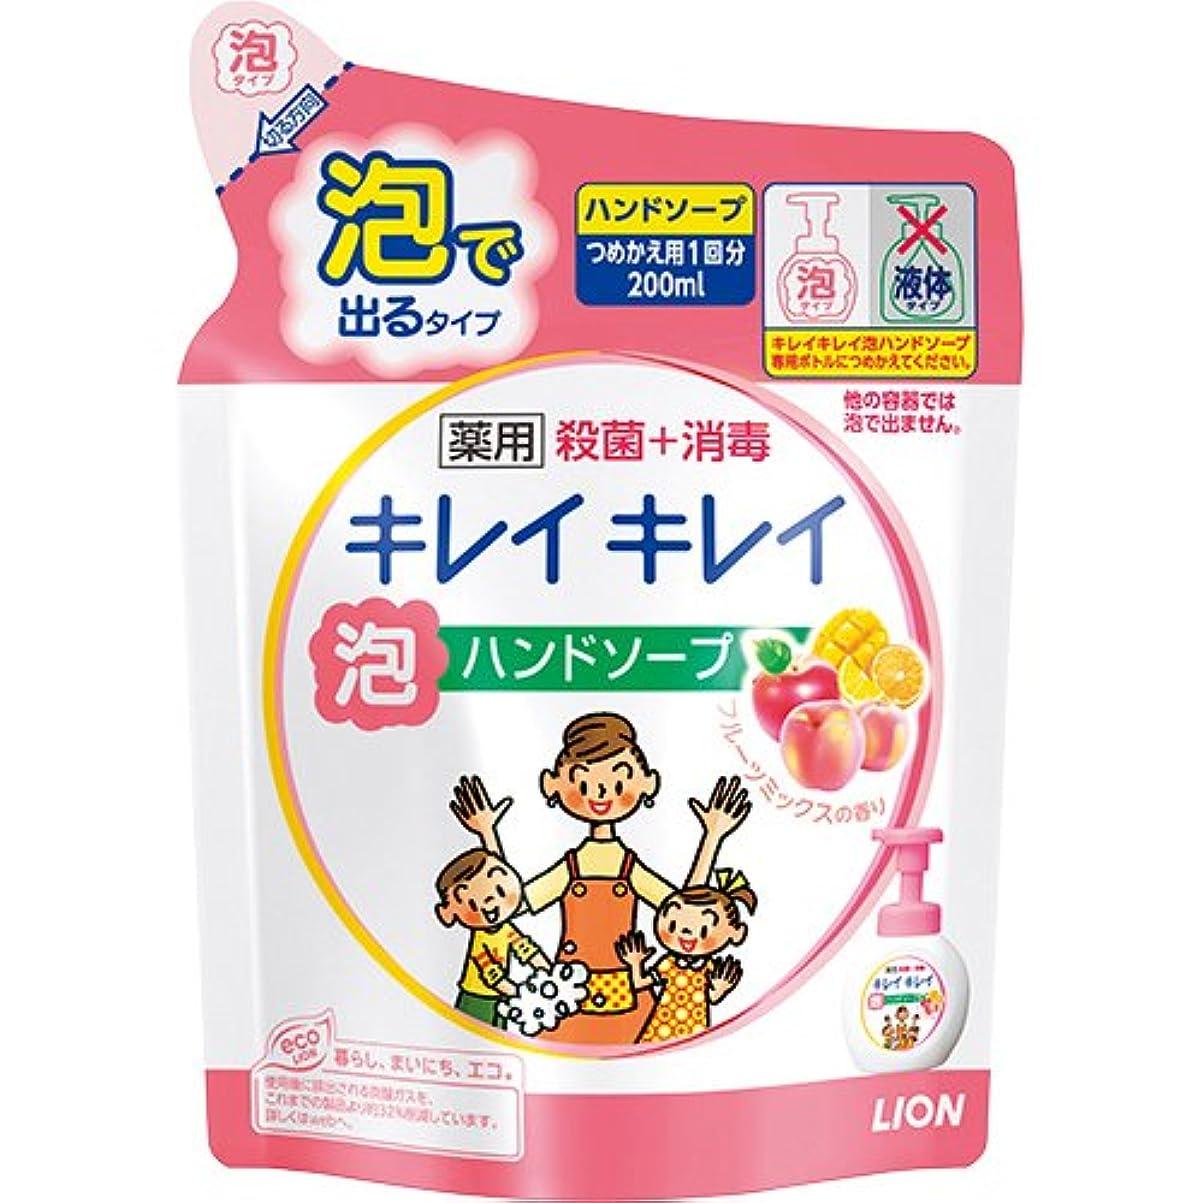 リフト含める誘発するキレイキレイ 薬用泡ハンドソープ ミックスフルーツの香り 詰替 200ml